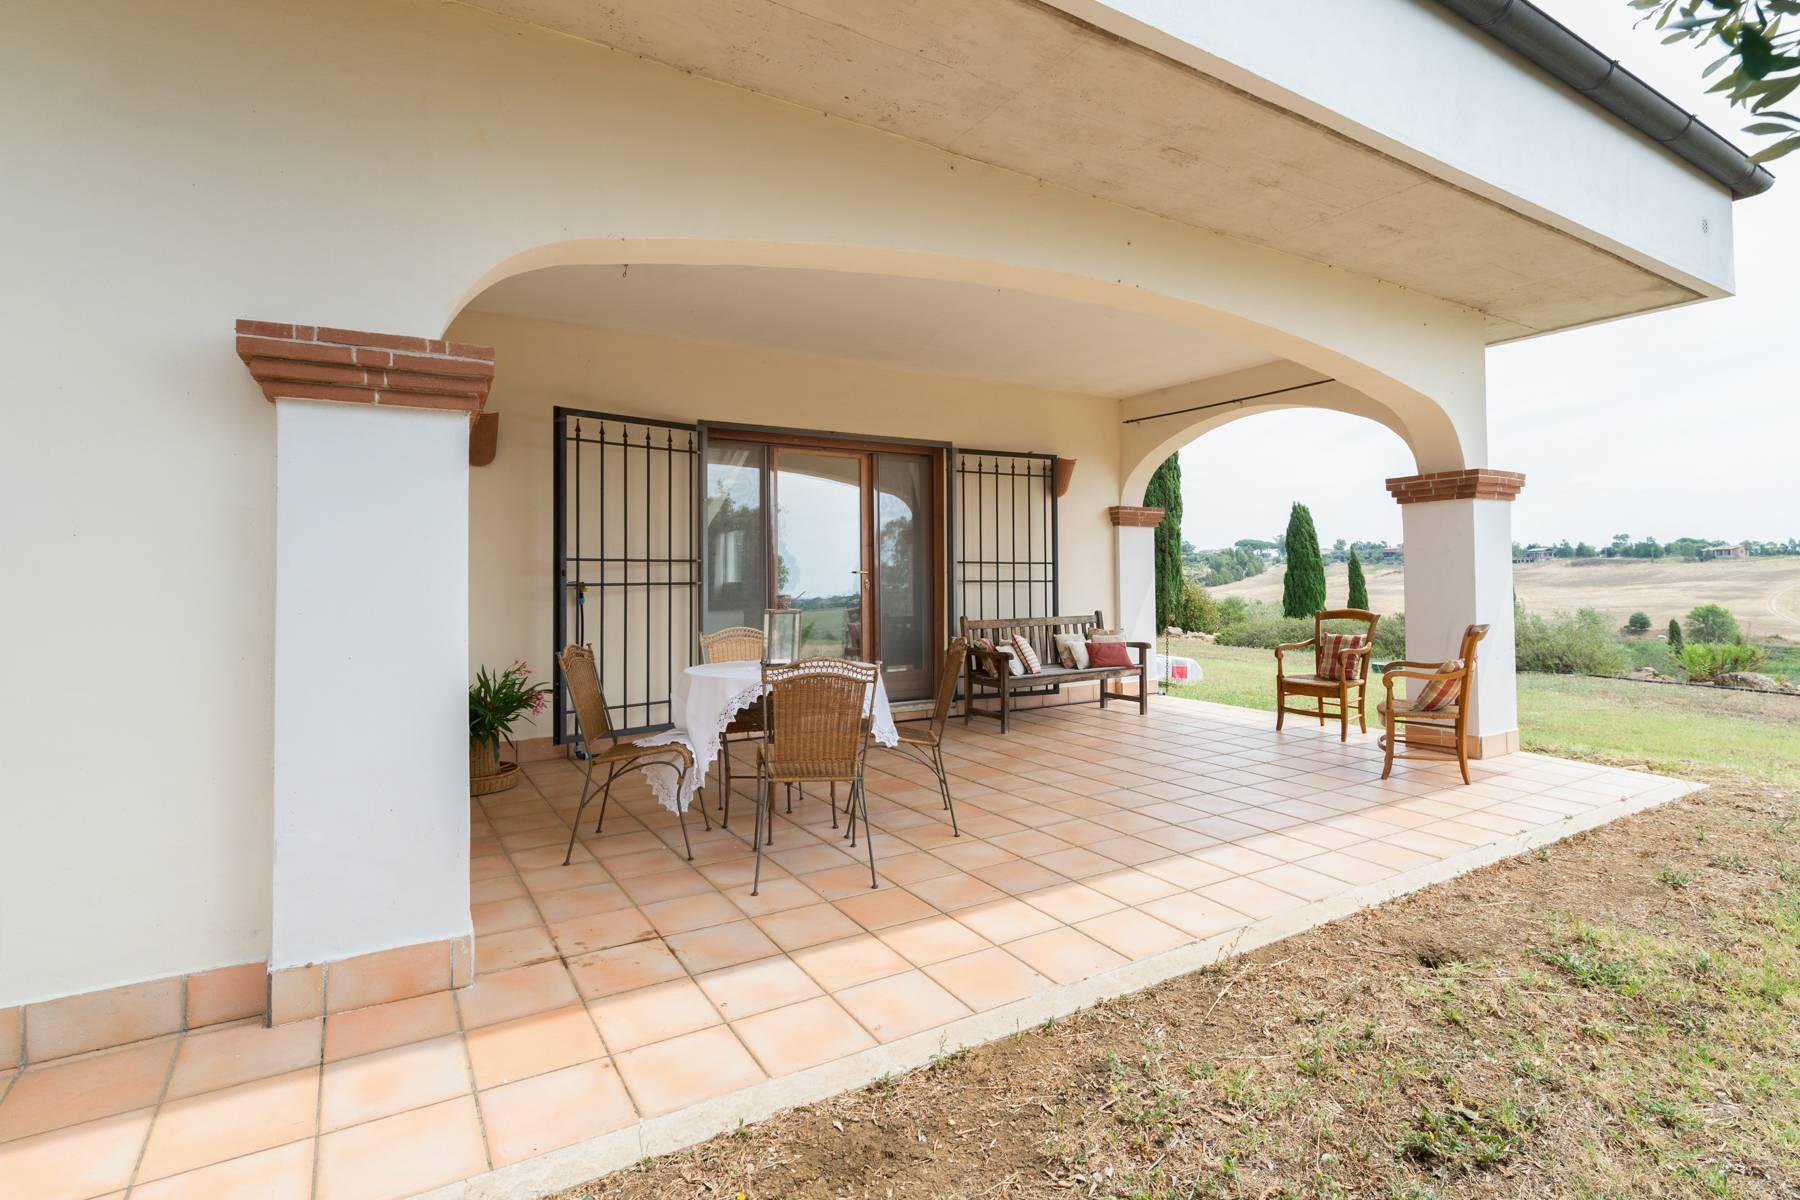 Villa in Vendita a Montalto Di Castro: 5 locali, 231 mq - Foto 17